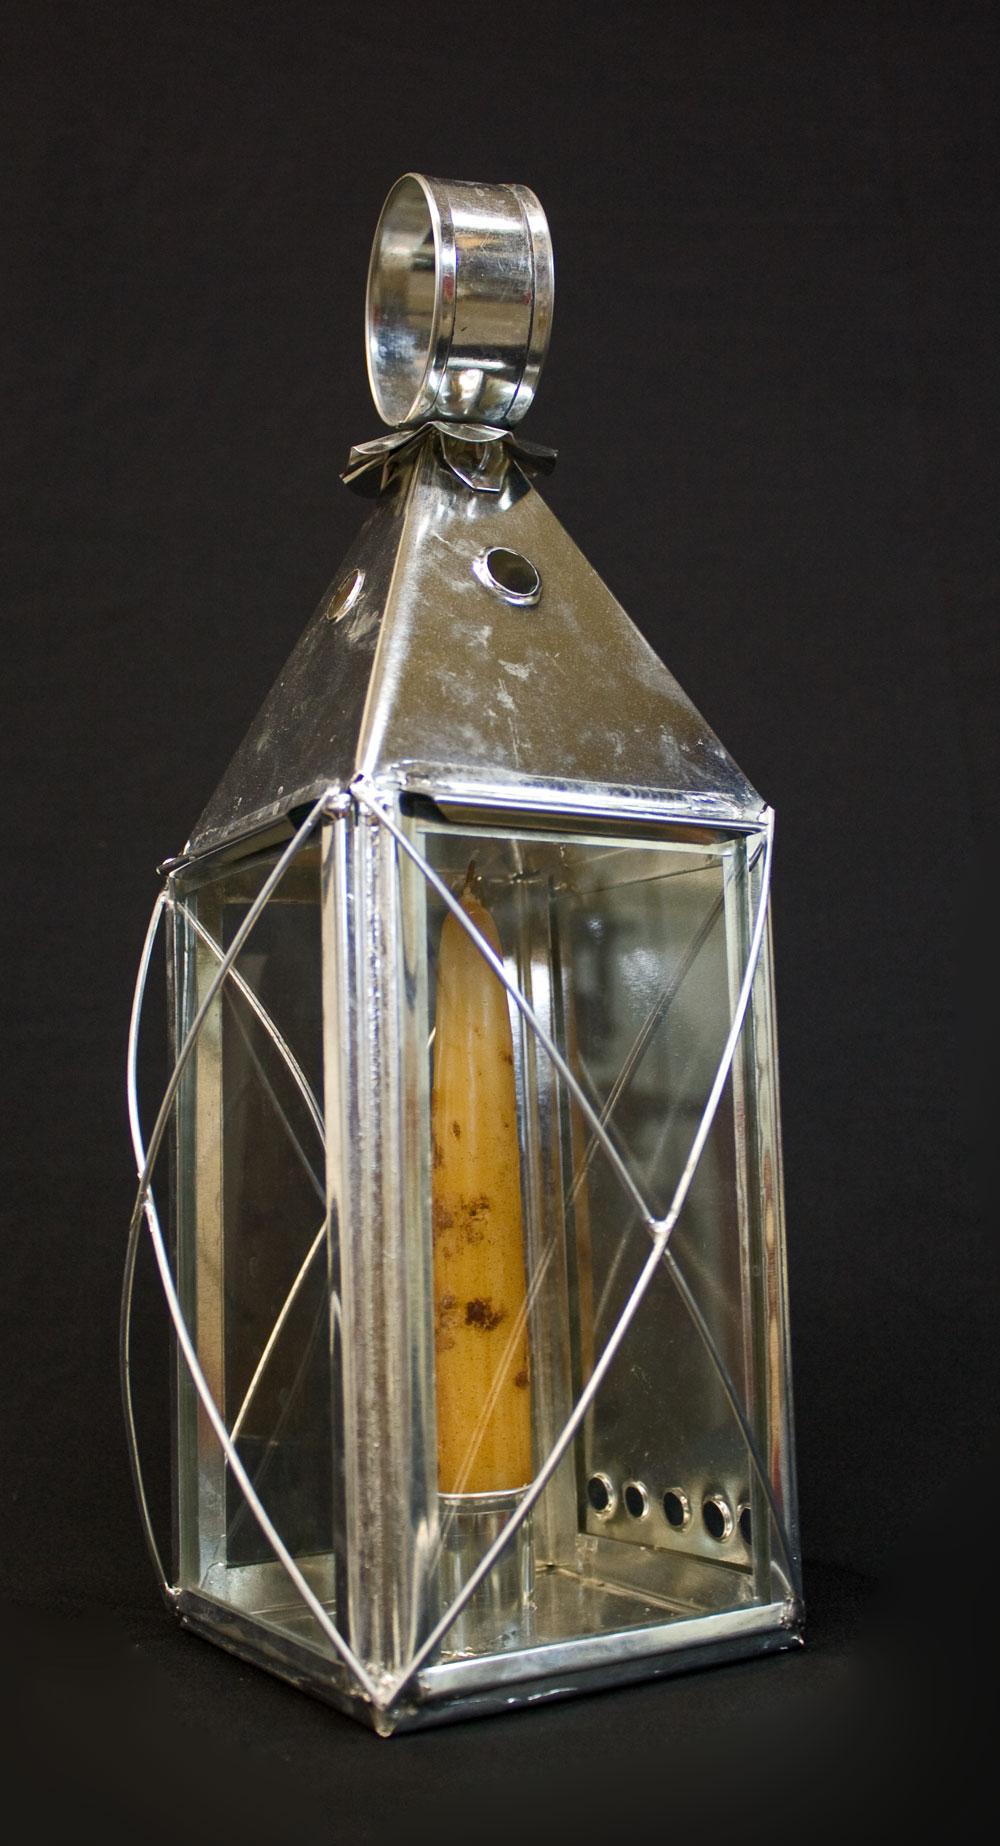 Shaker inspired tin lantern.